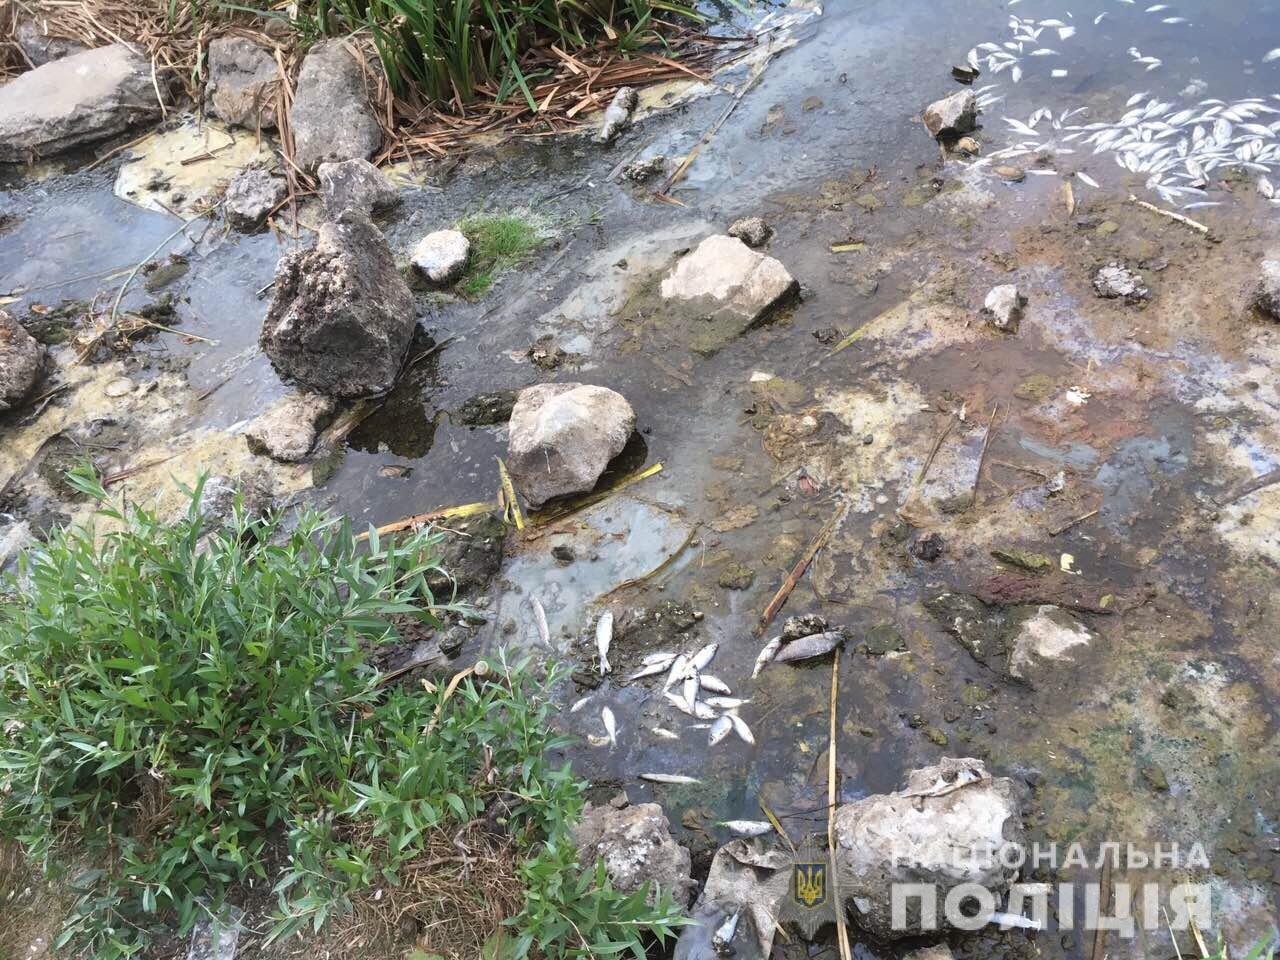 Массовый мор рыбы в Харькове: полиция проводит расследование, - ФОТО, фото-3